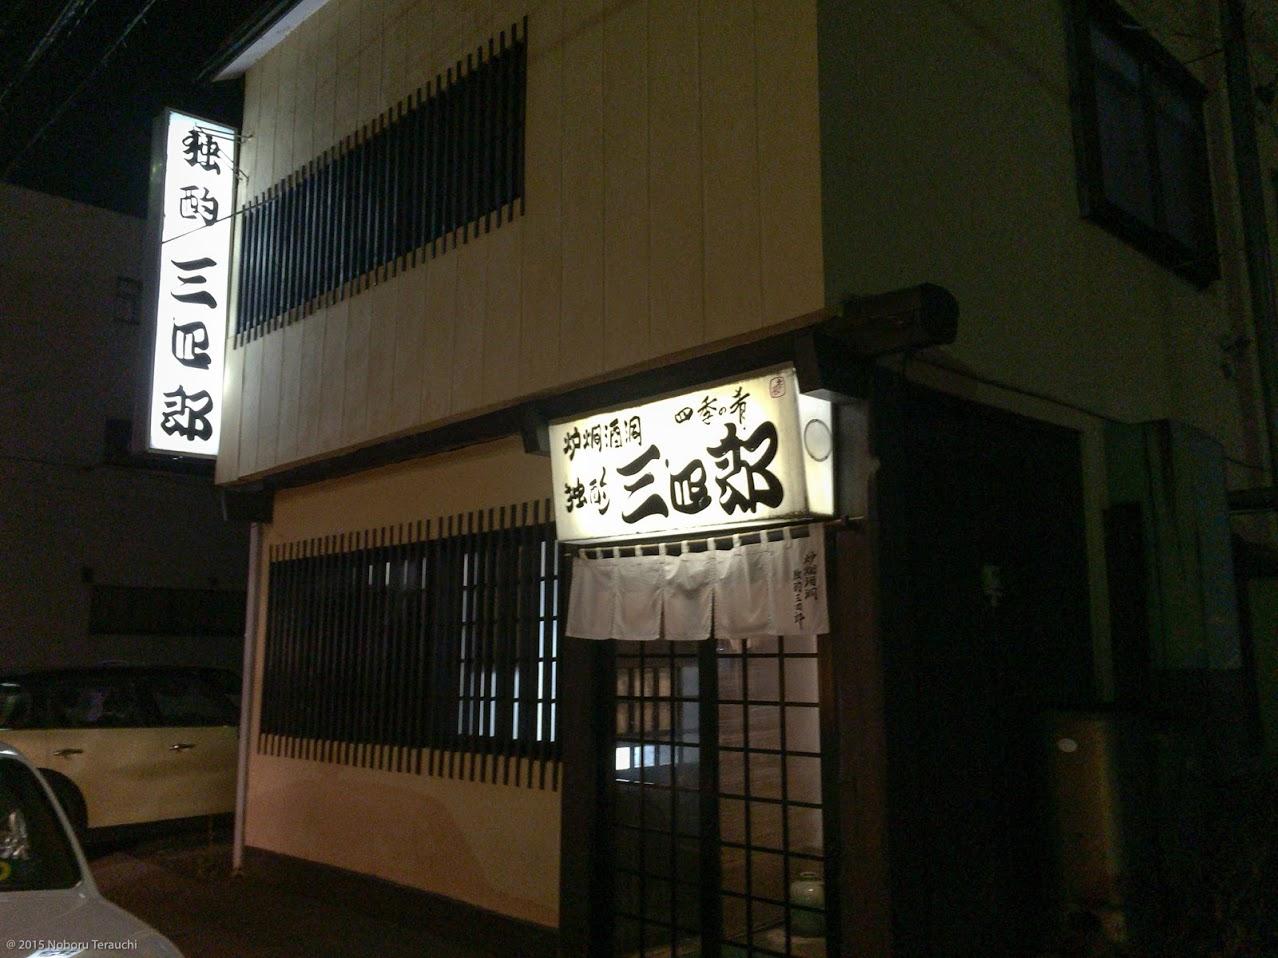 居酒屋「独酌 三四郎」(旭川市)で旨い酒